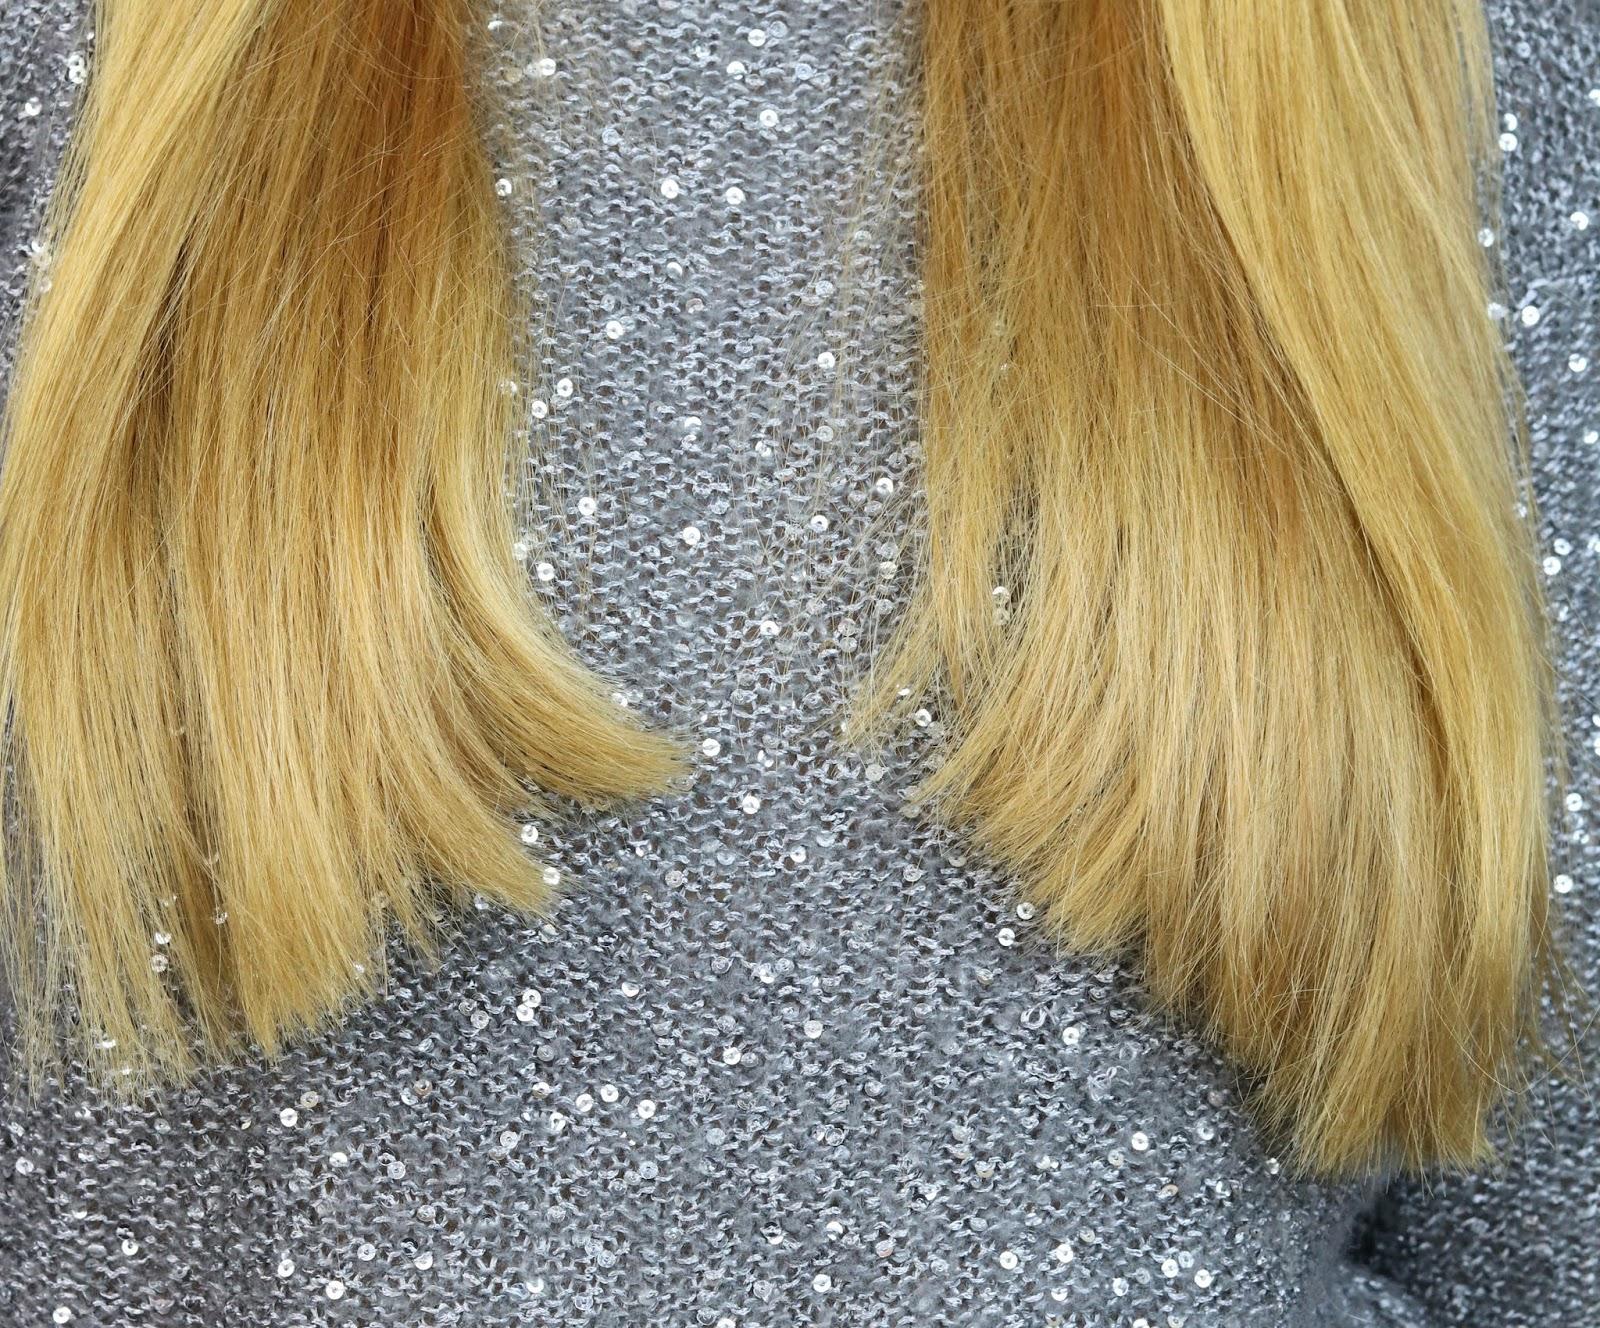 Coandă-Effekt, douglas, Dyson Airwrap Complete Haarstylingset, erfahrung, glänzende Haare, glatte haare, haarpflege, Haarstyling, Haartrockner, locken, ohne extreme Hitze, redken, review, volumen, Wellen,